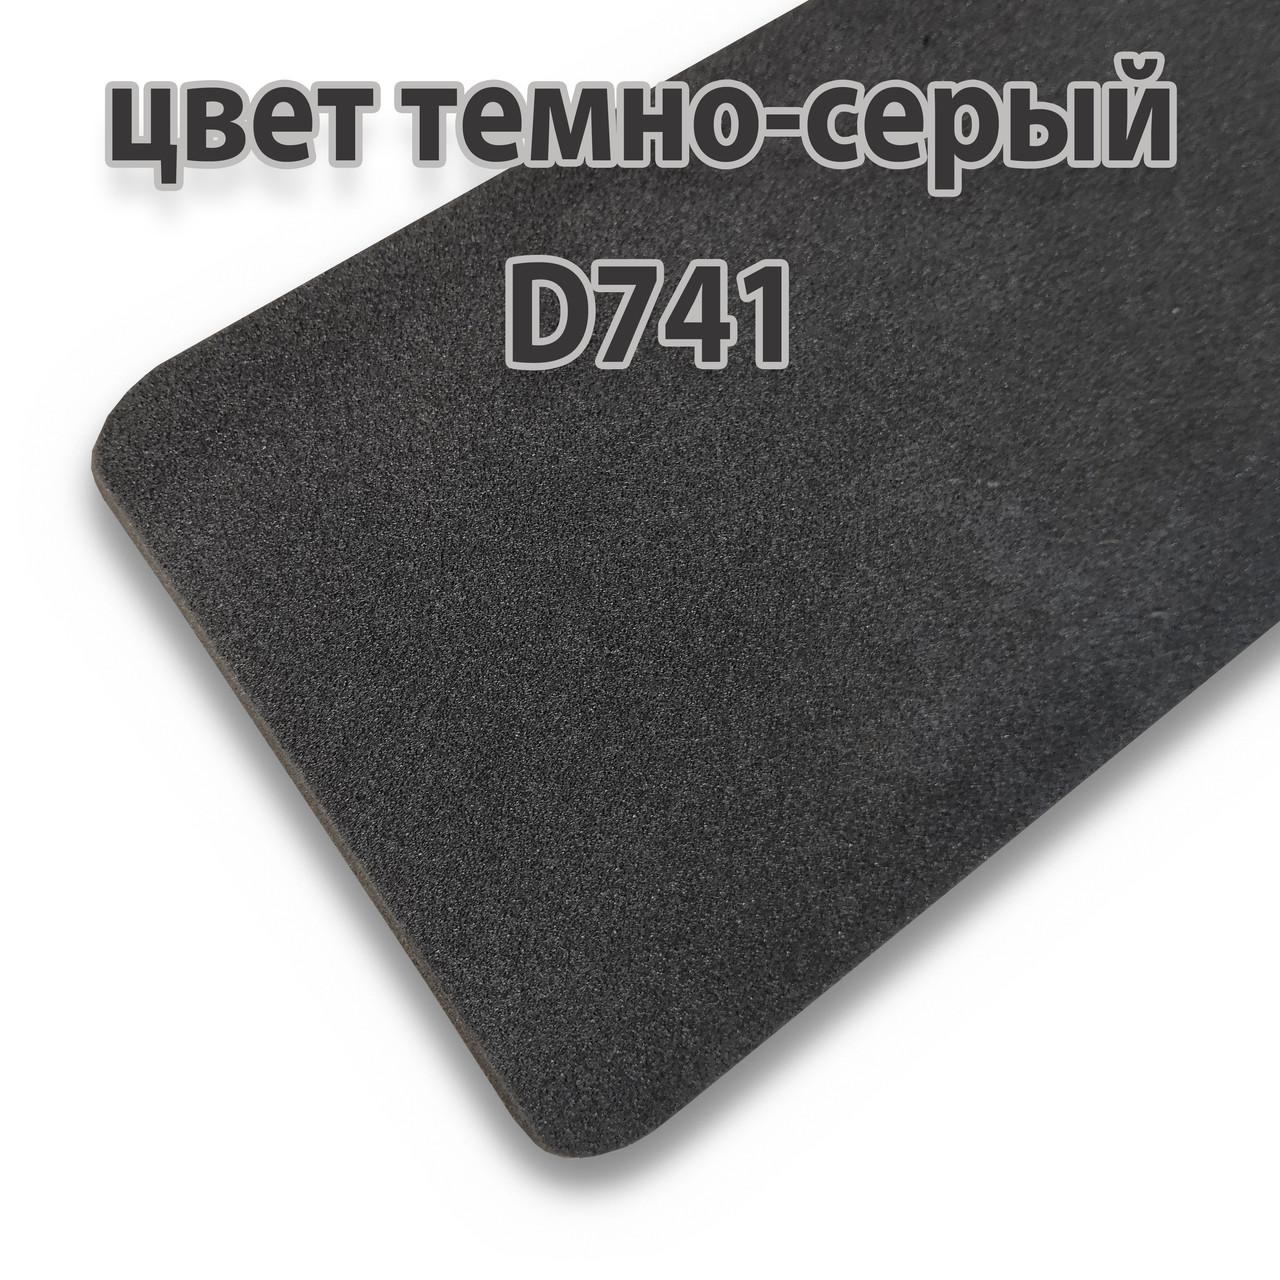 Ізолон кольоровий, 2 мм темно-сірий